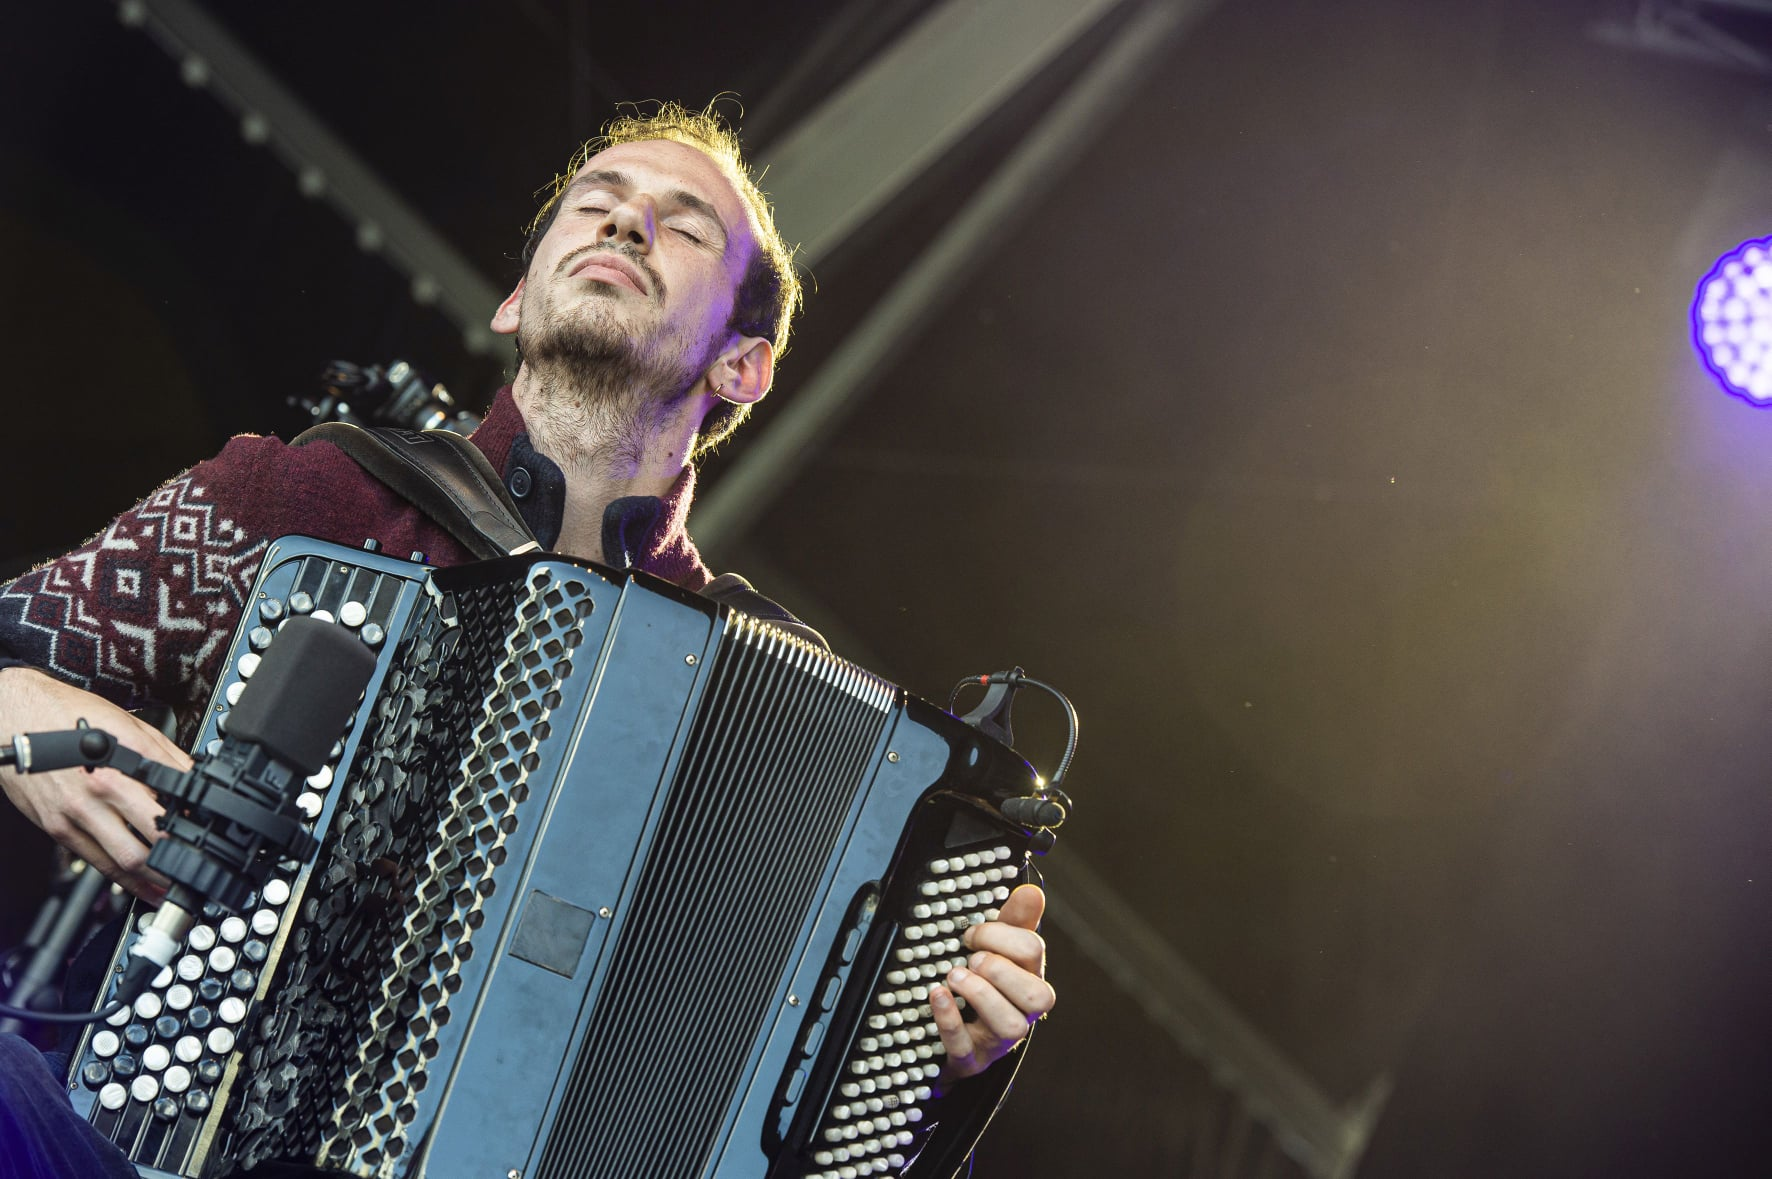 Noé Clerc remporte le Prix d'instrumentiste du festival Jazz à la Défense 2021 !